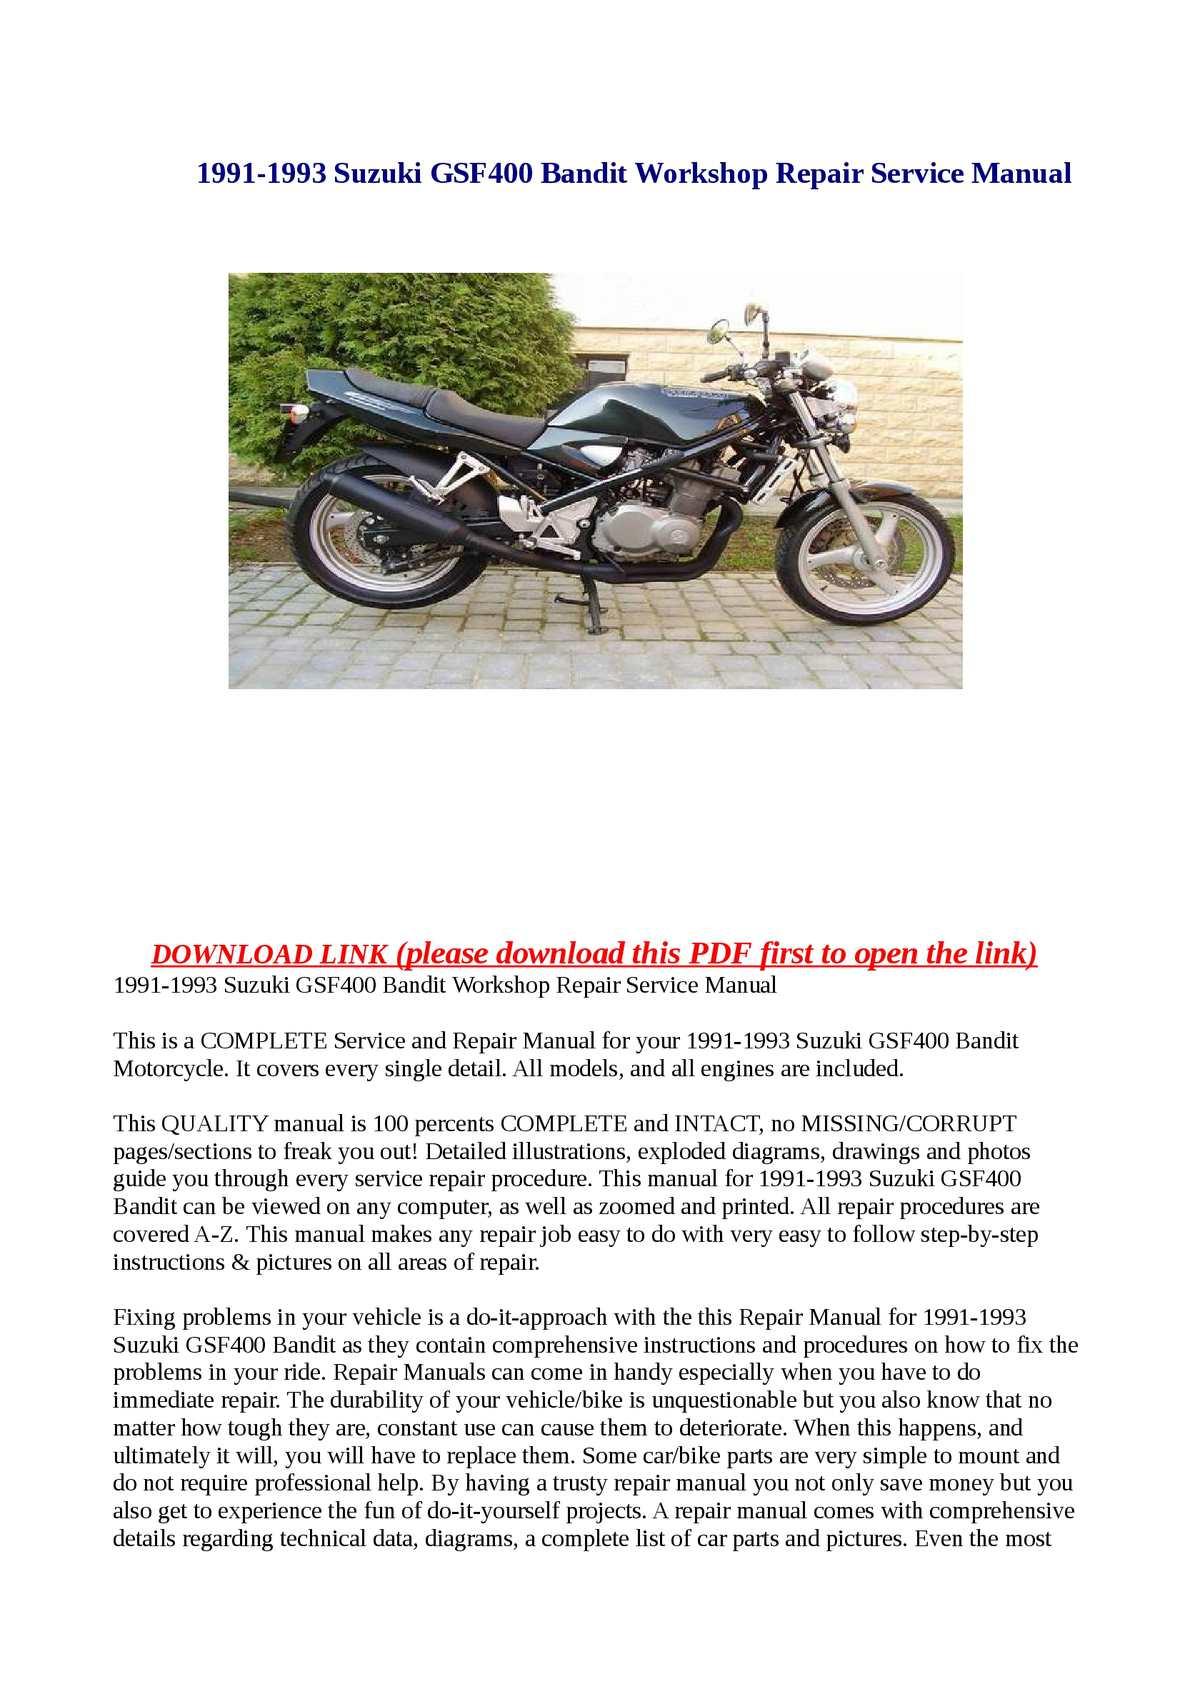 suzuki gsf400 1991 1993 service repair manual download